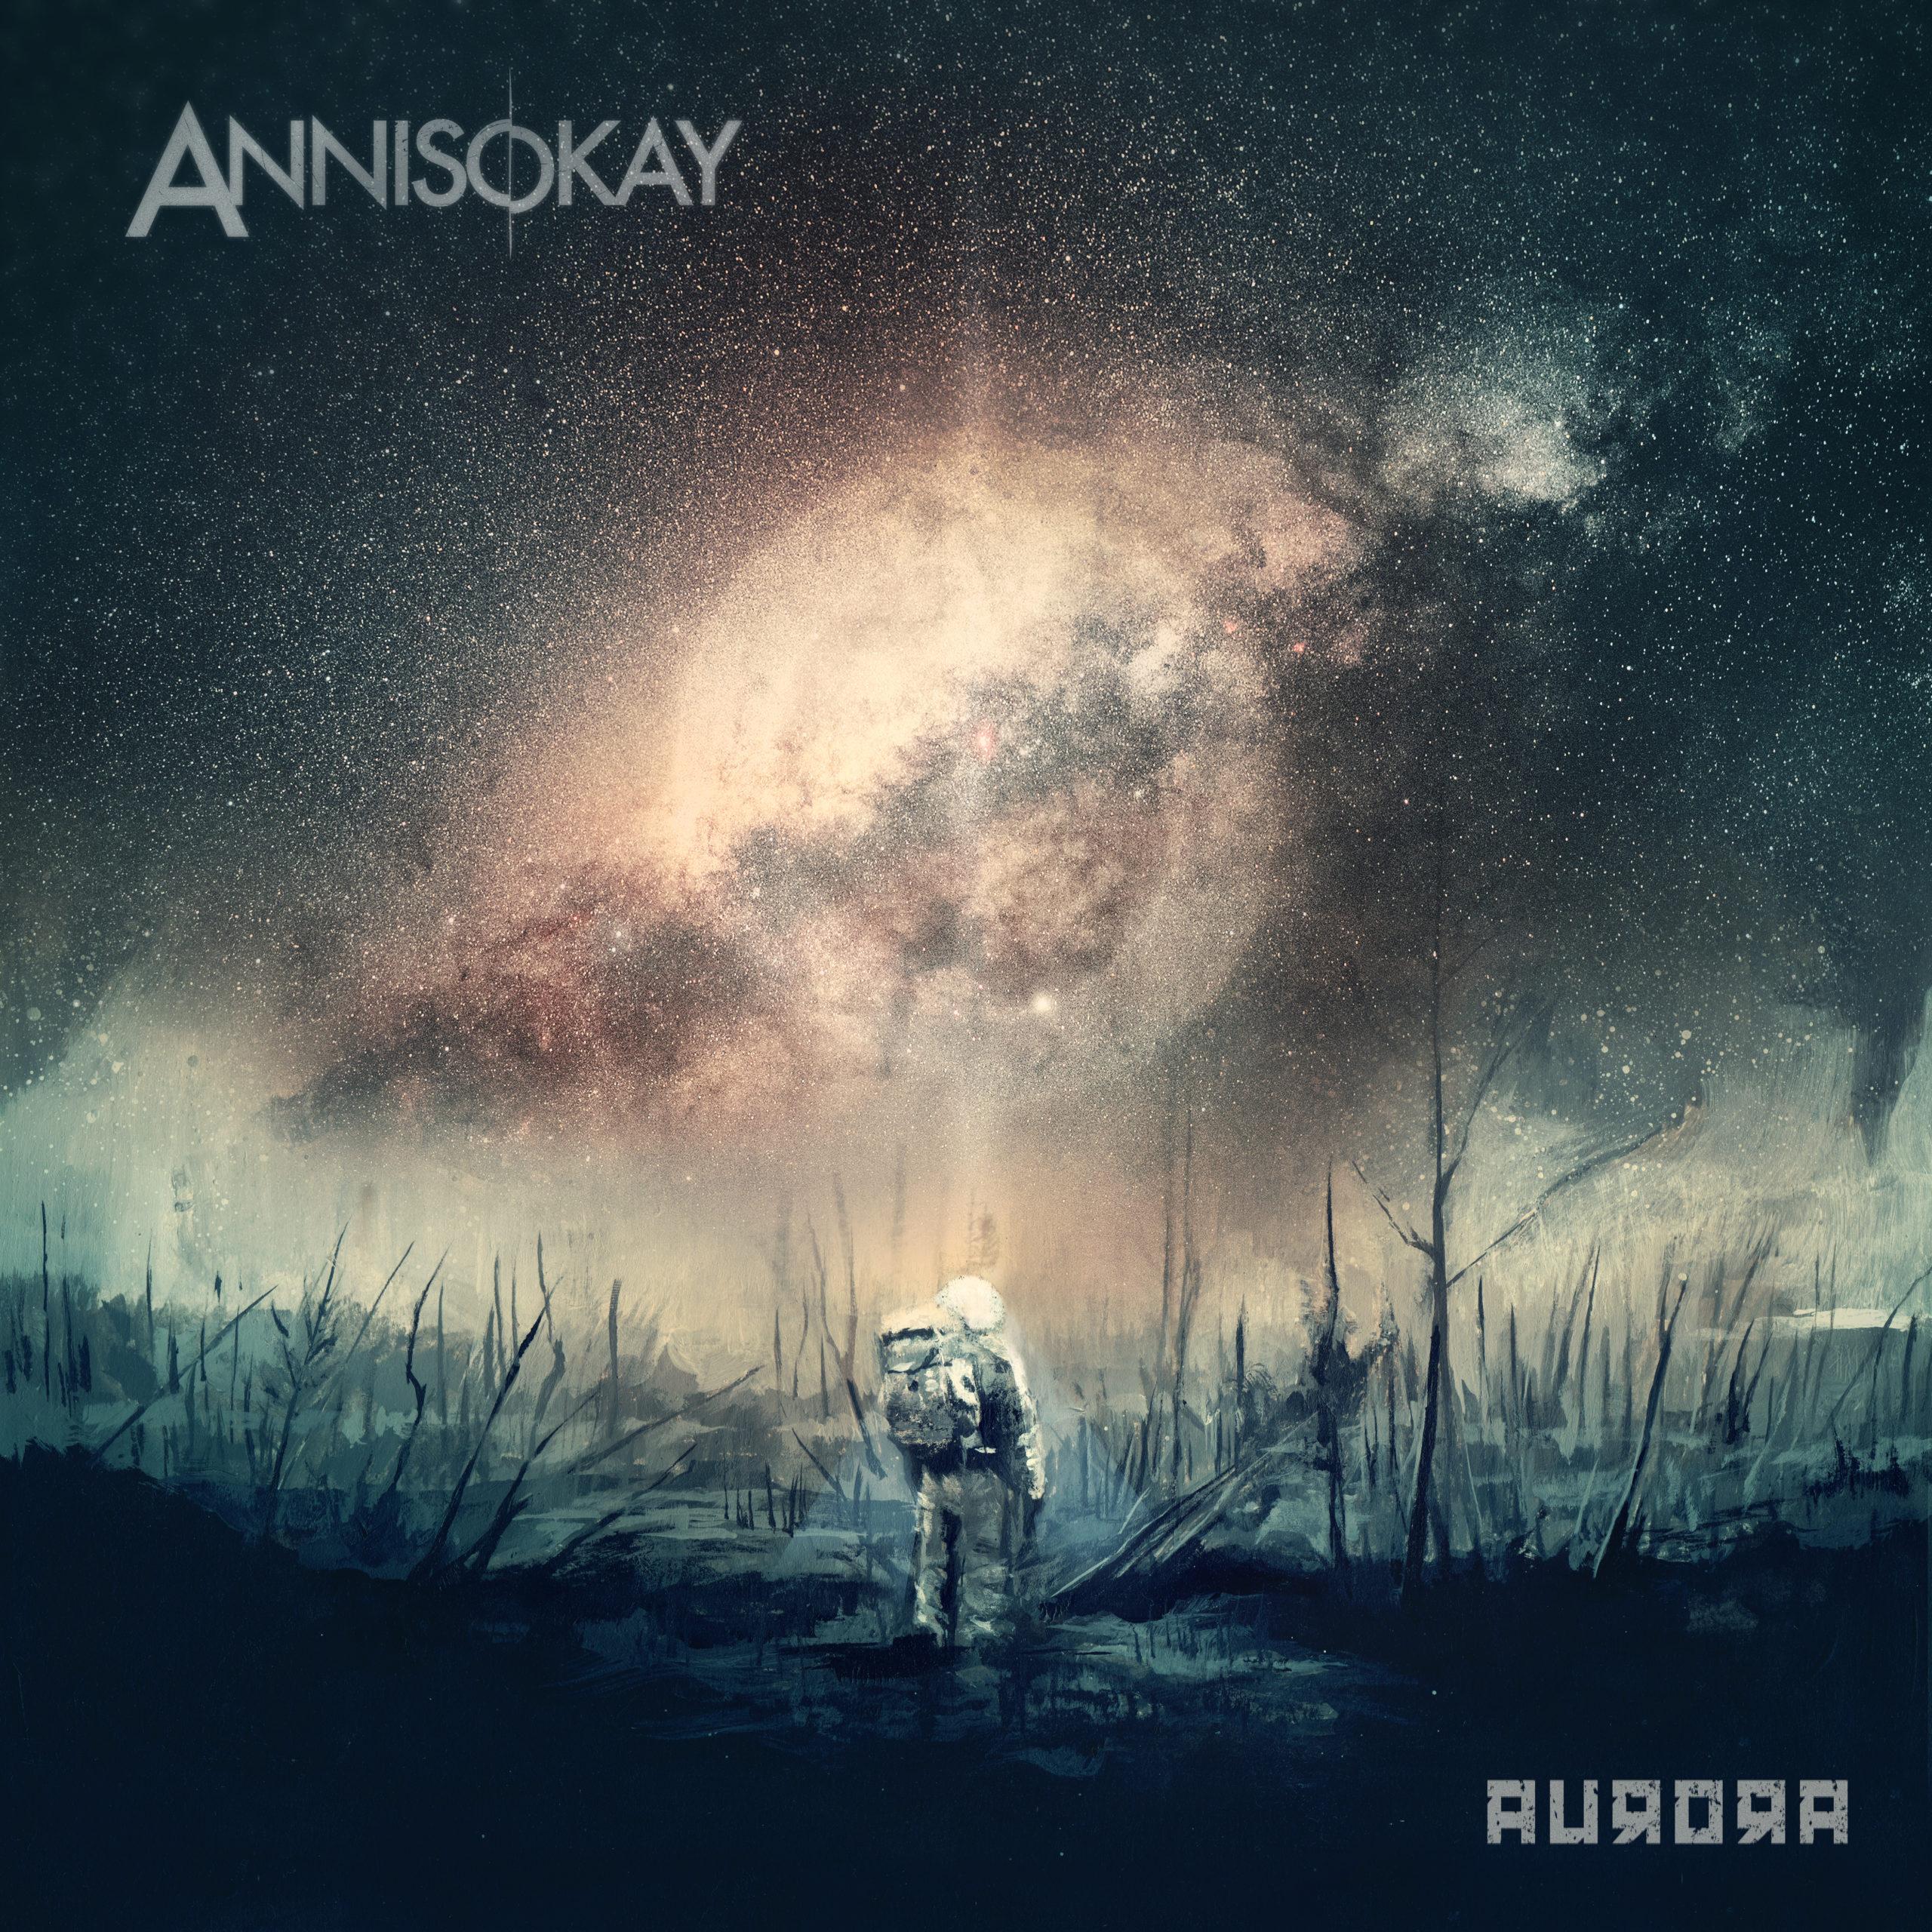 ANNISOKAY entern die Deutsche Album-Charts